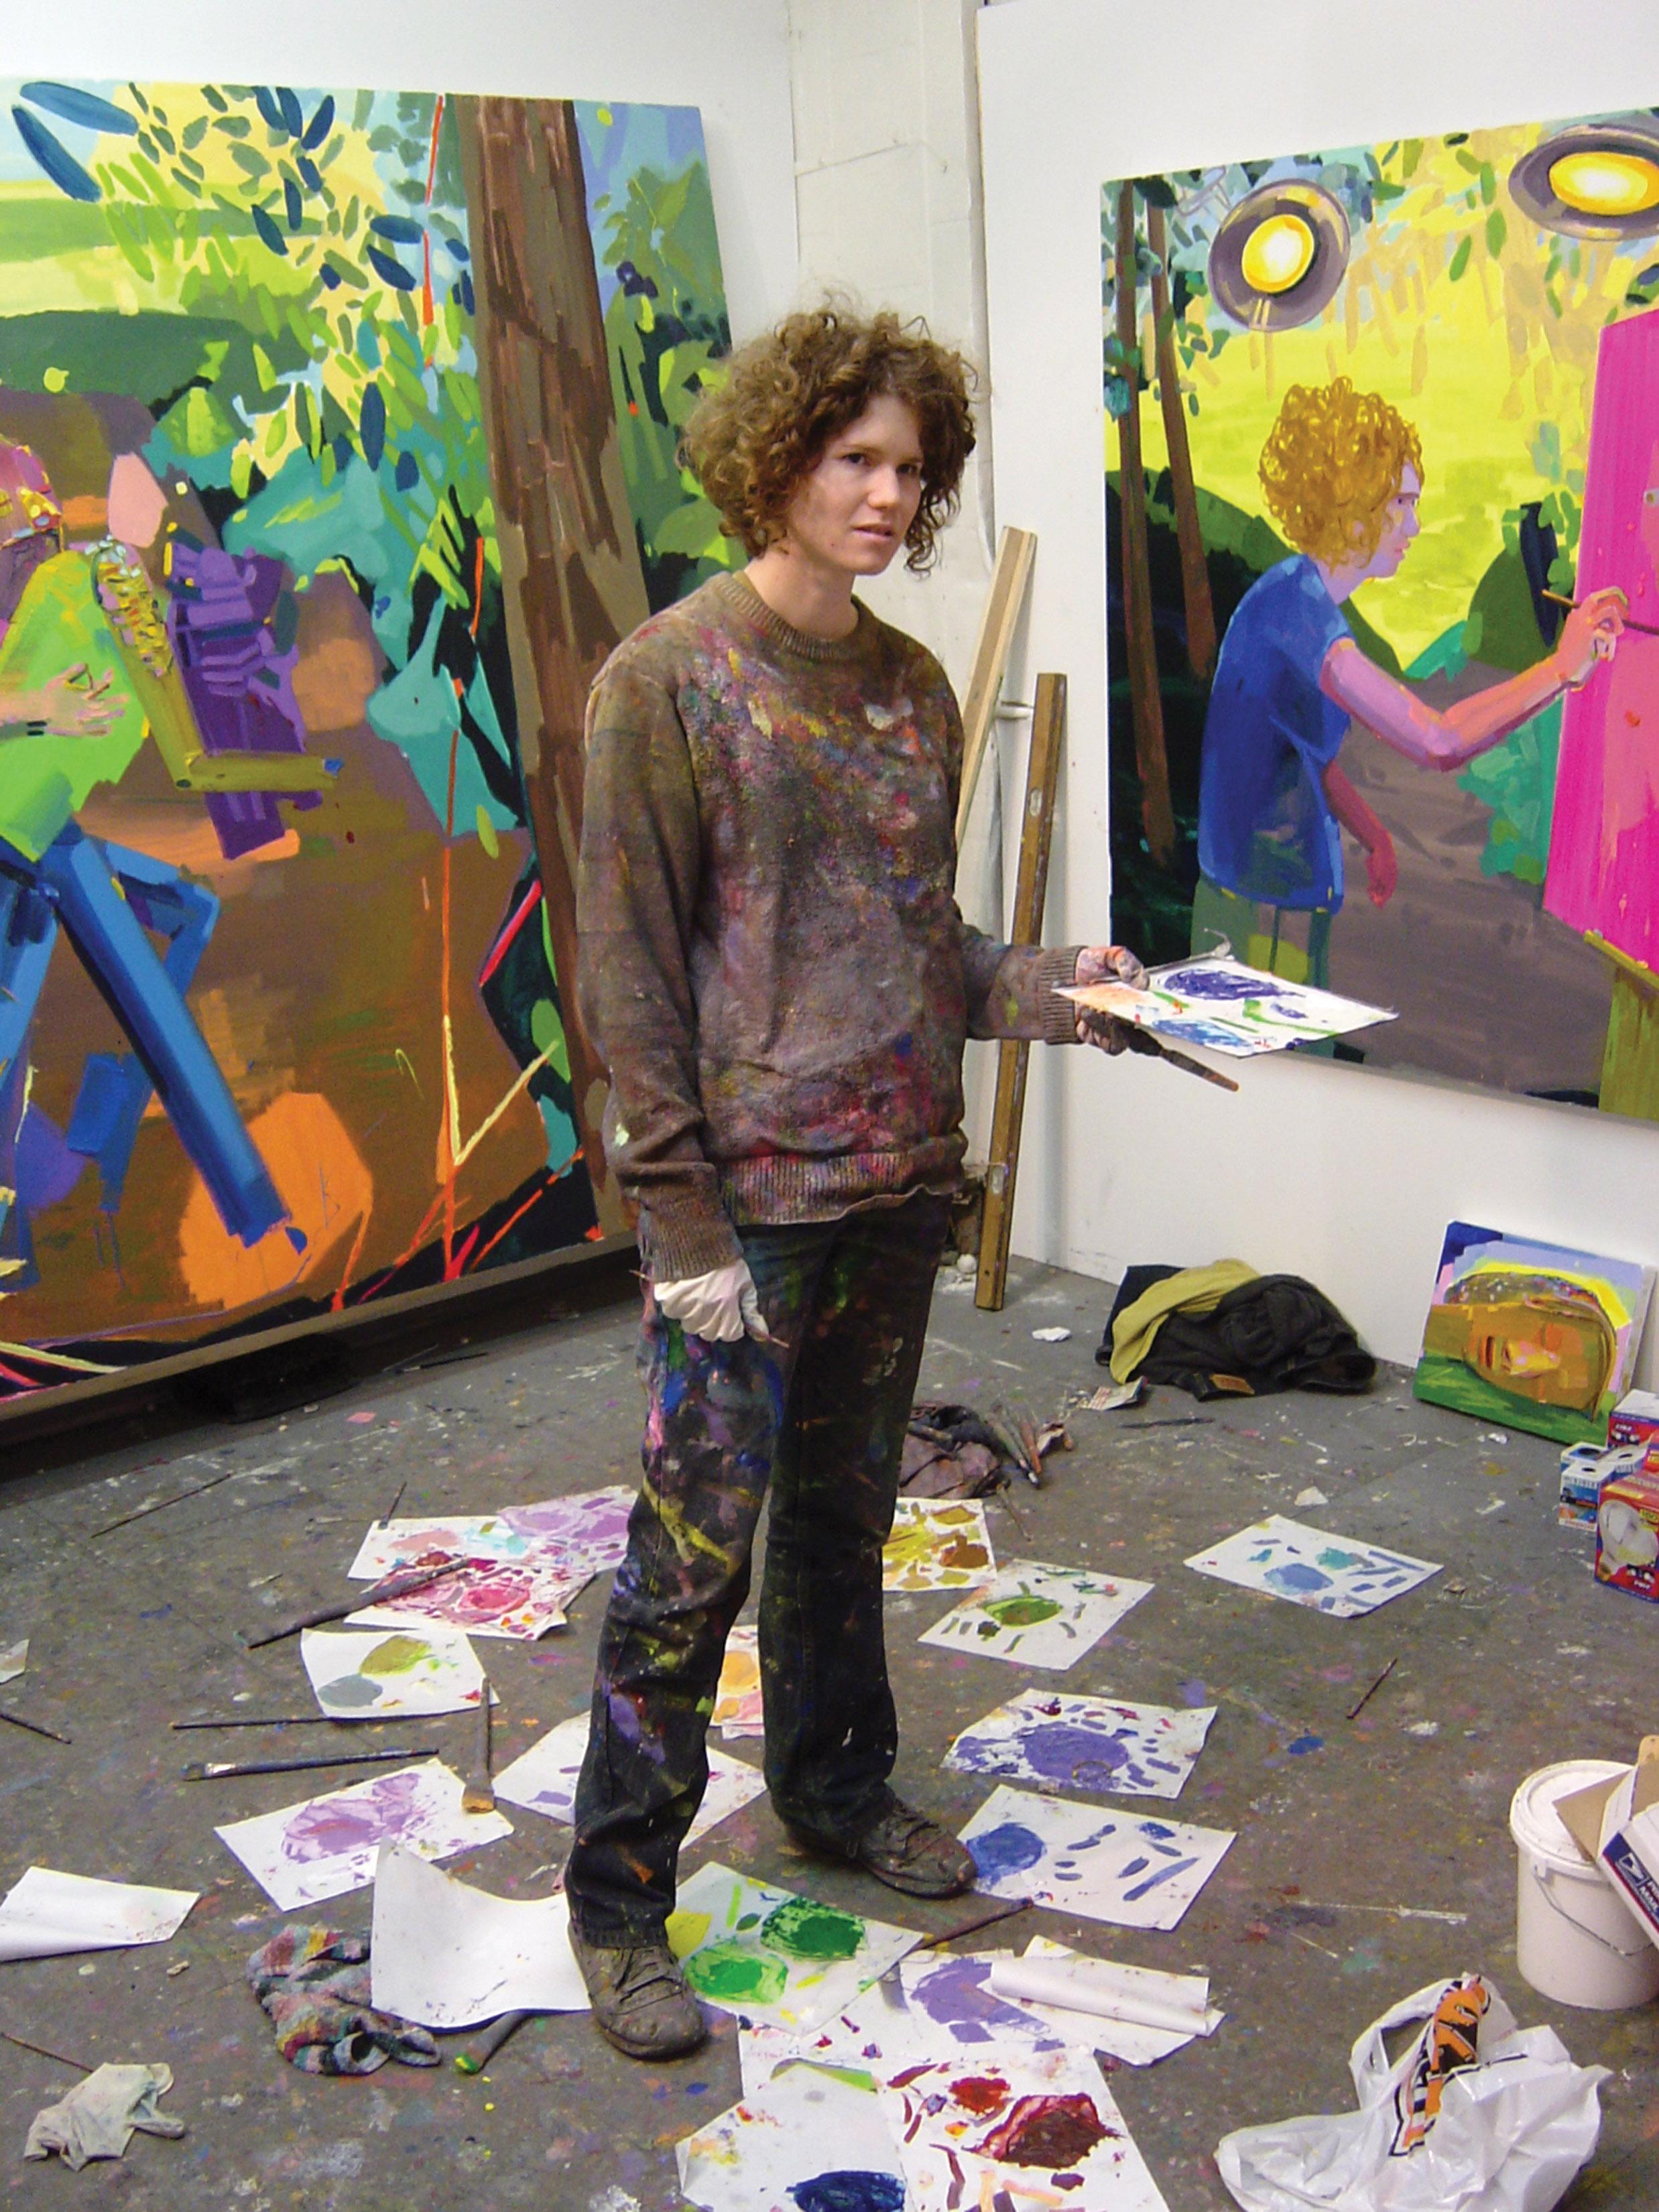 Dana Schutz, Harlam 2003